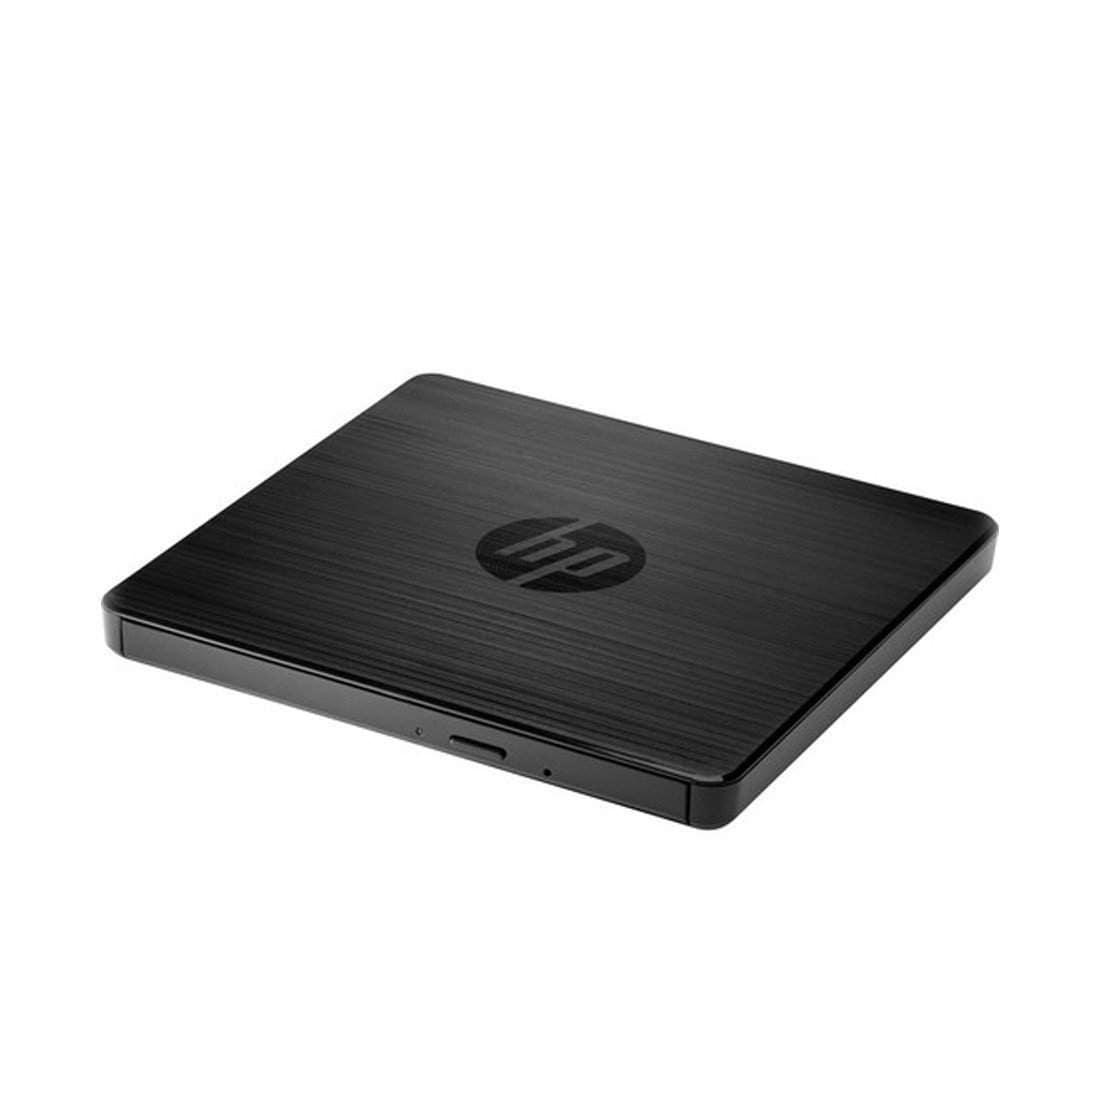 HP External USB DVD Drive DVDRW DVD-ROM F6V97AA#ACJ